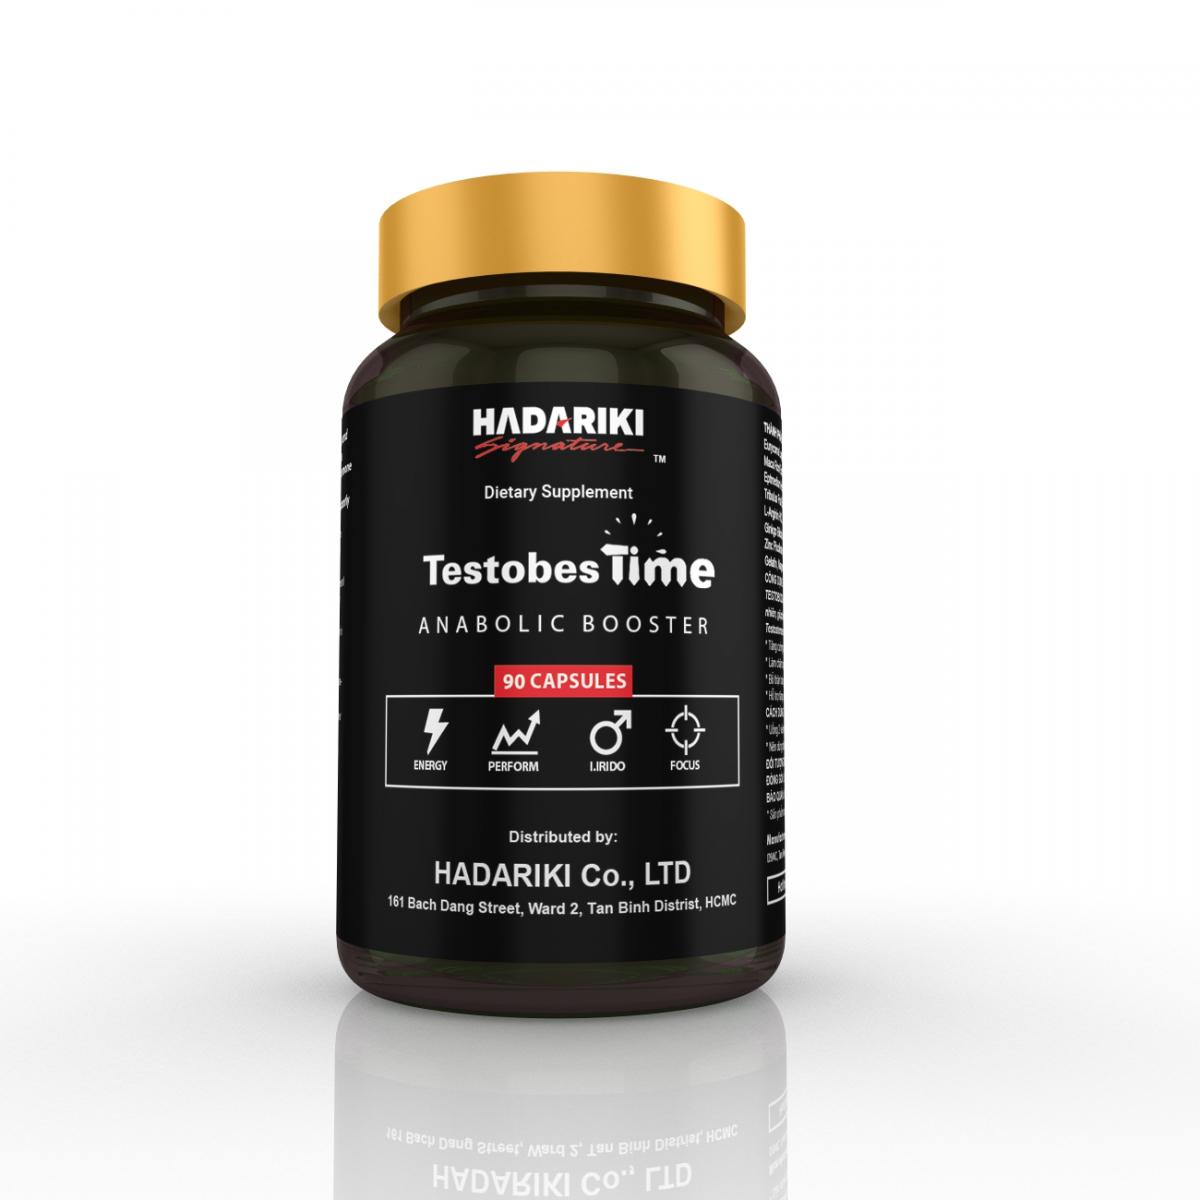 Hadariki TestobesTime được bán tại Thuocbothan.com